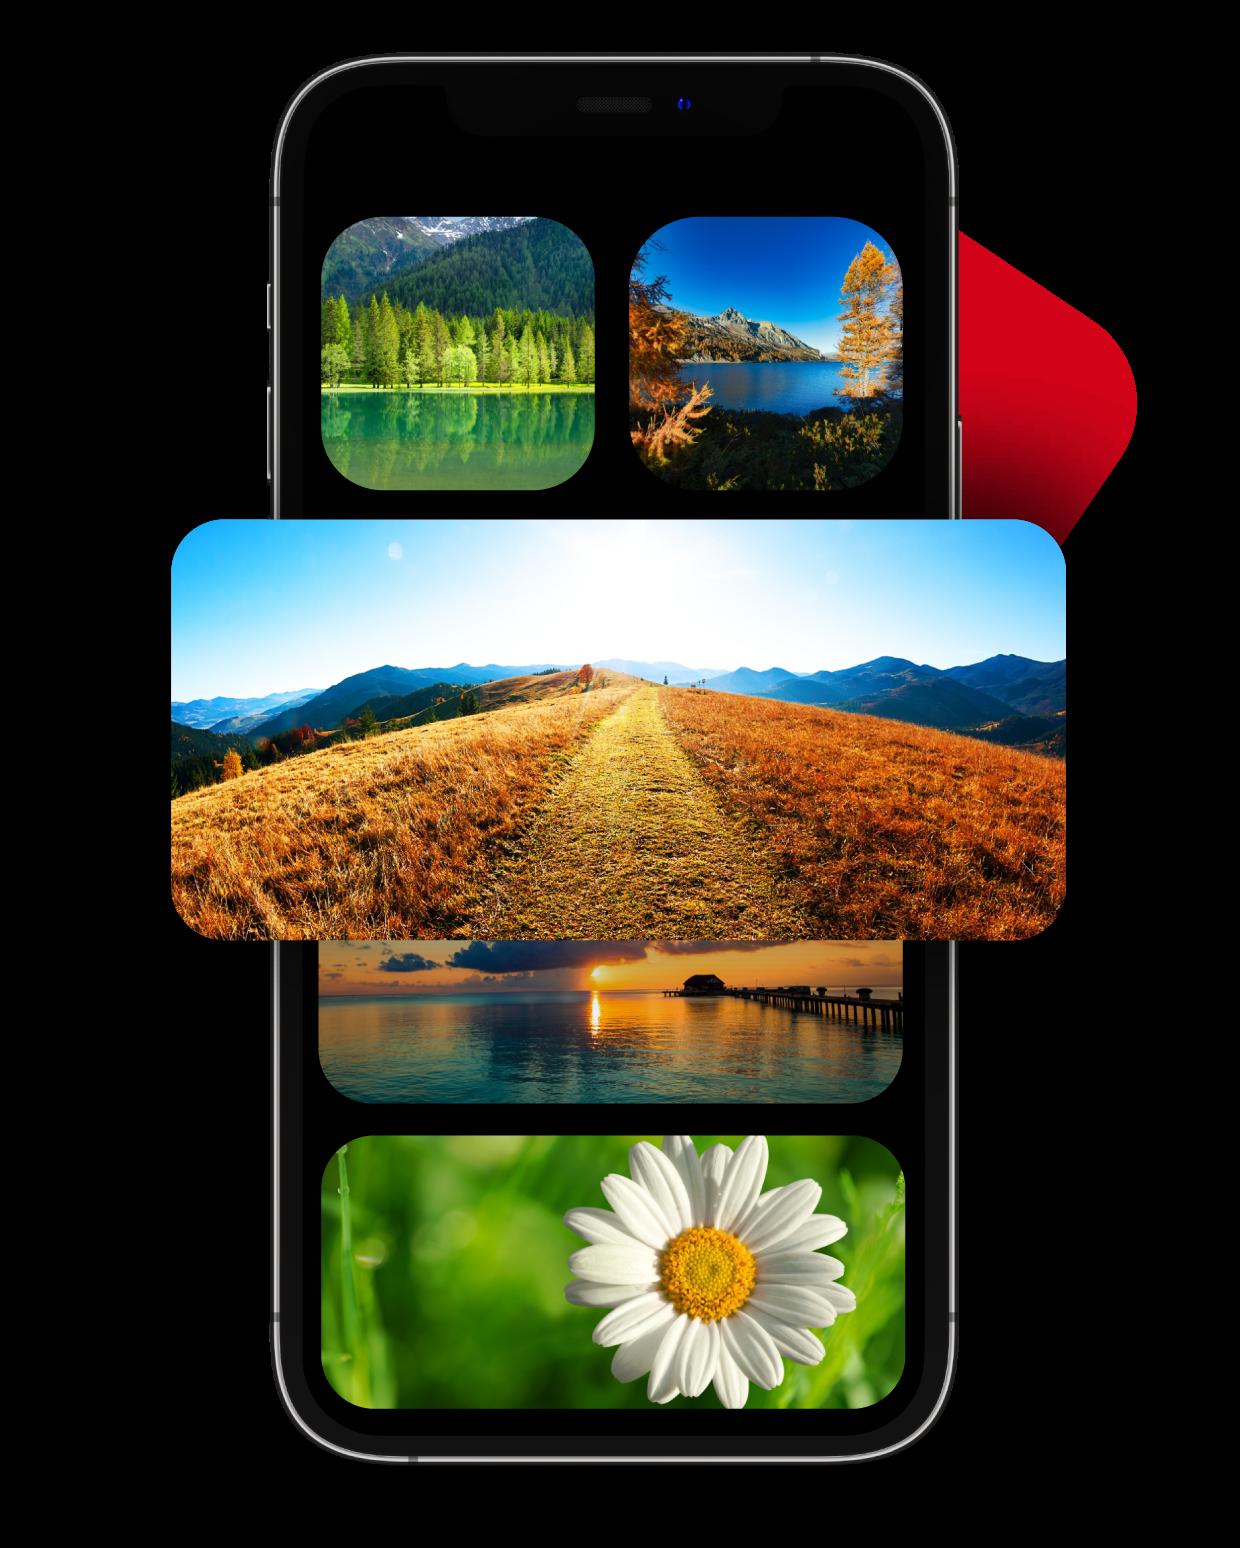 Wallpaper widget for iPhone